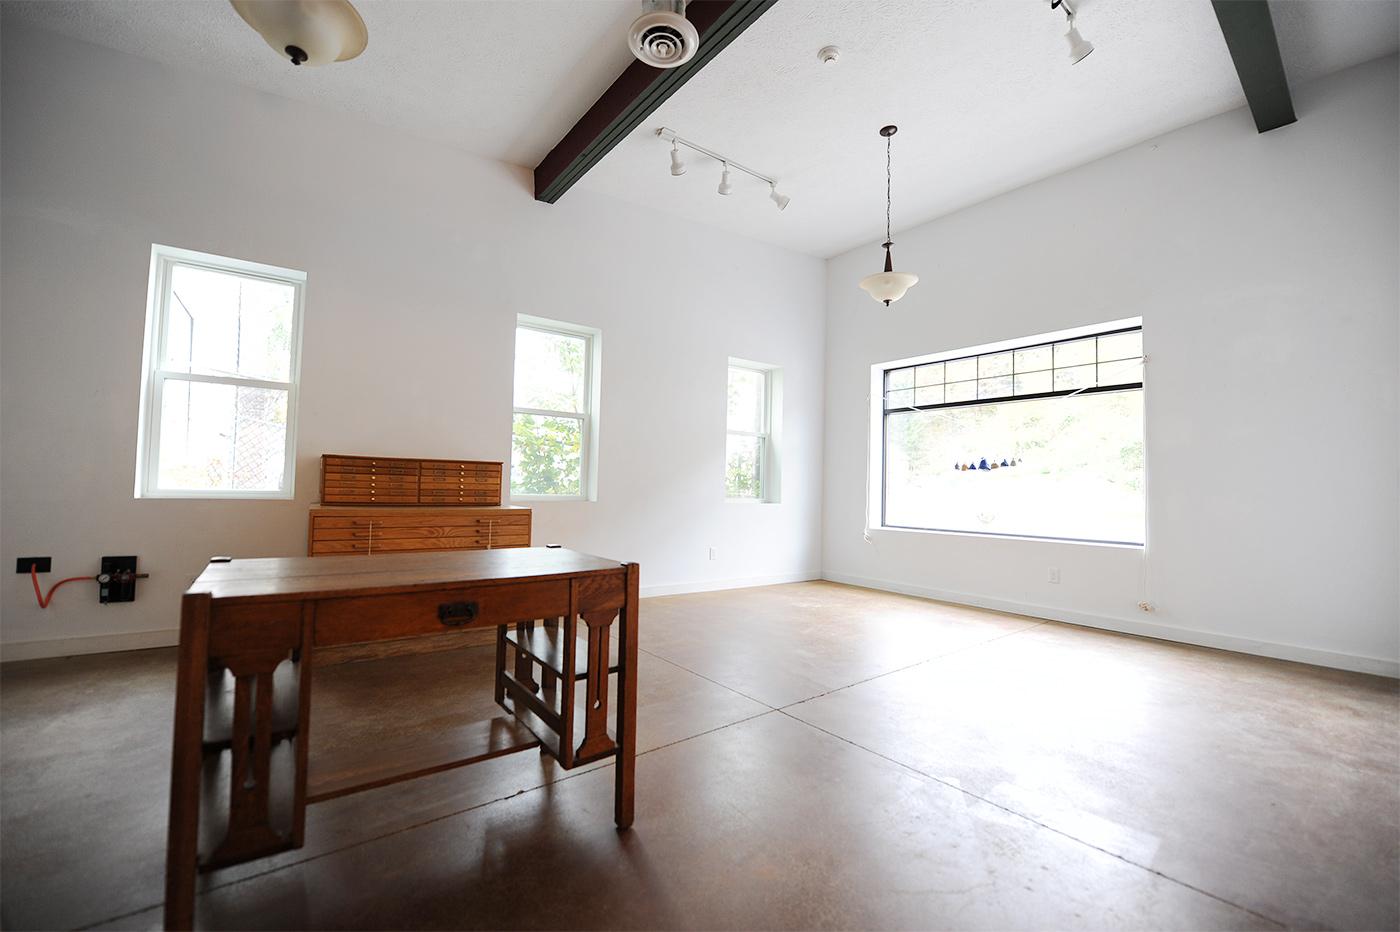 emptyroom